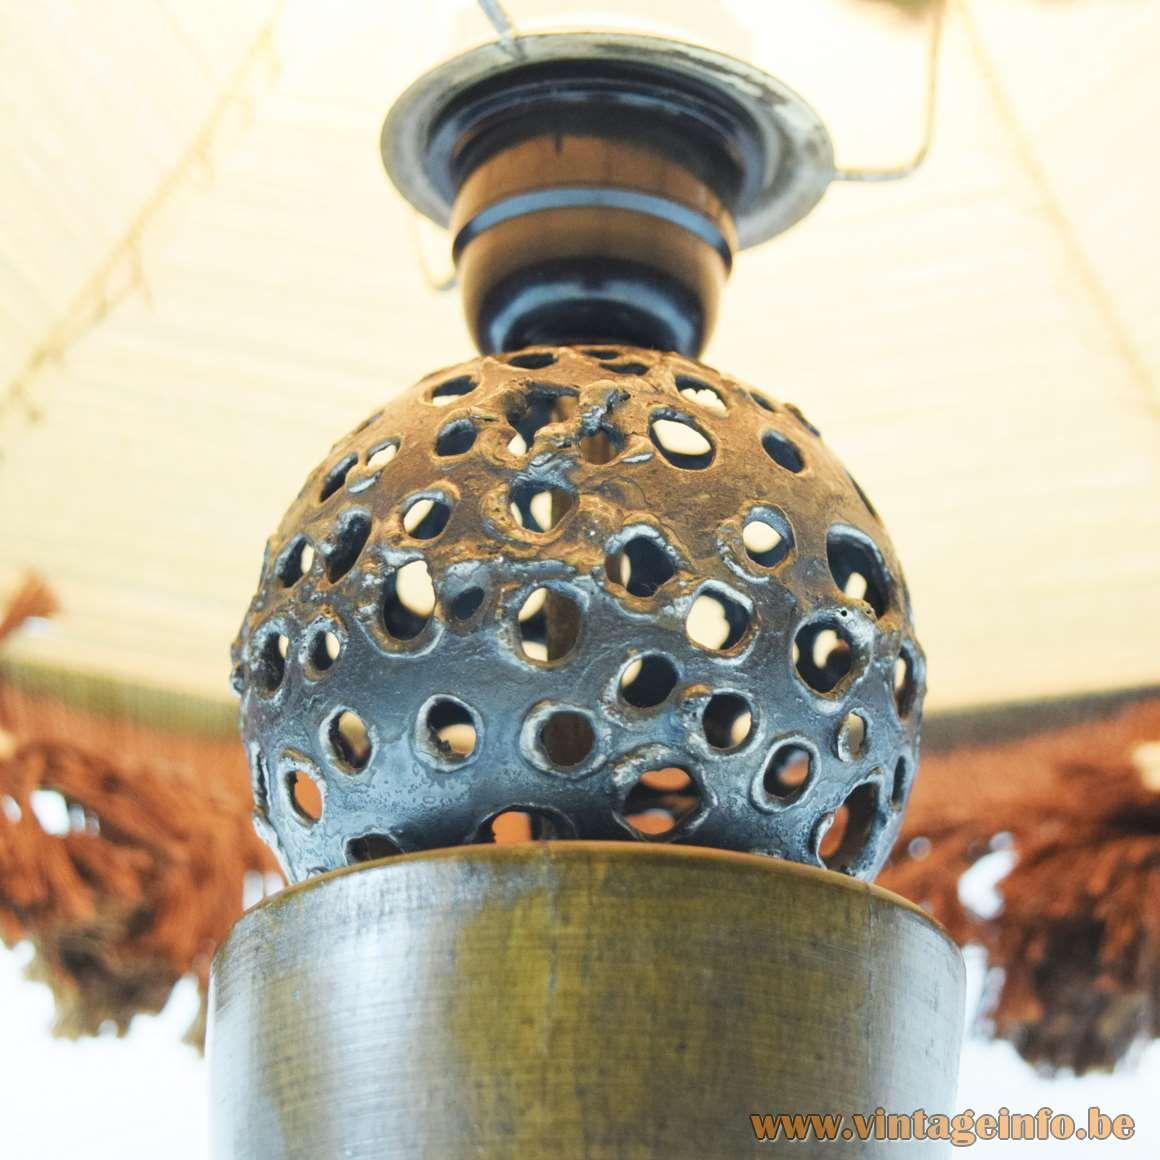 Rosewood Table Lamp welded holed metal sphere handmade jute and wool lampshade wooden pearls 1970s MCM